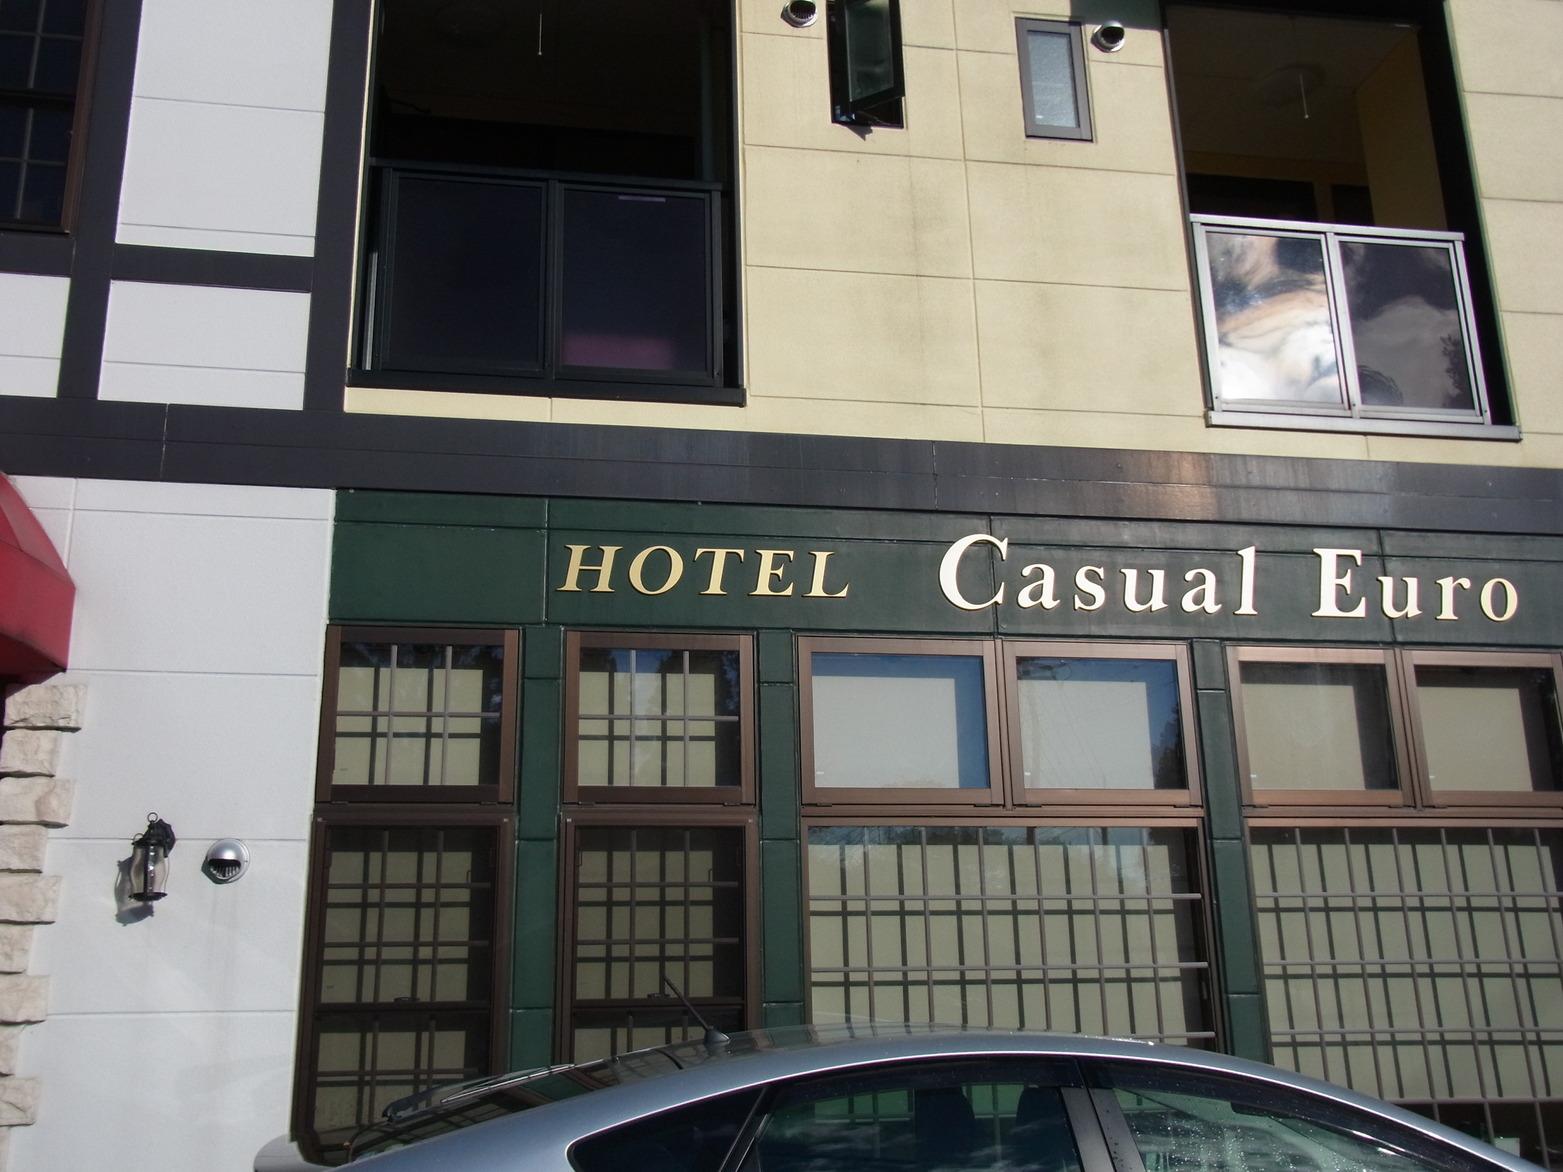 ホテルカジュアルユーロ バイキングレストラン